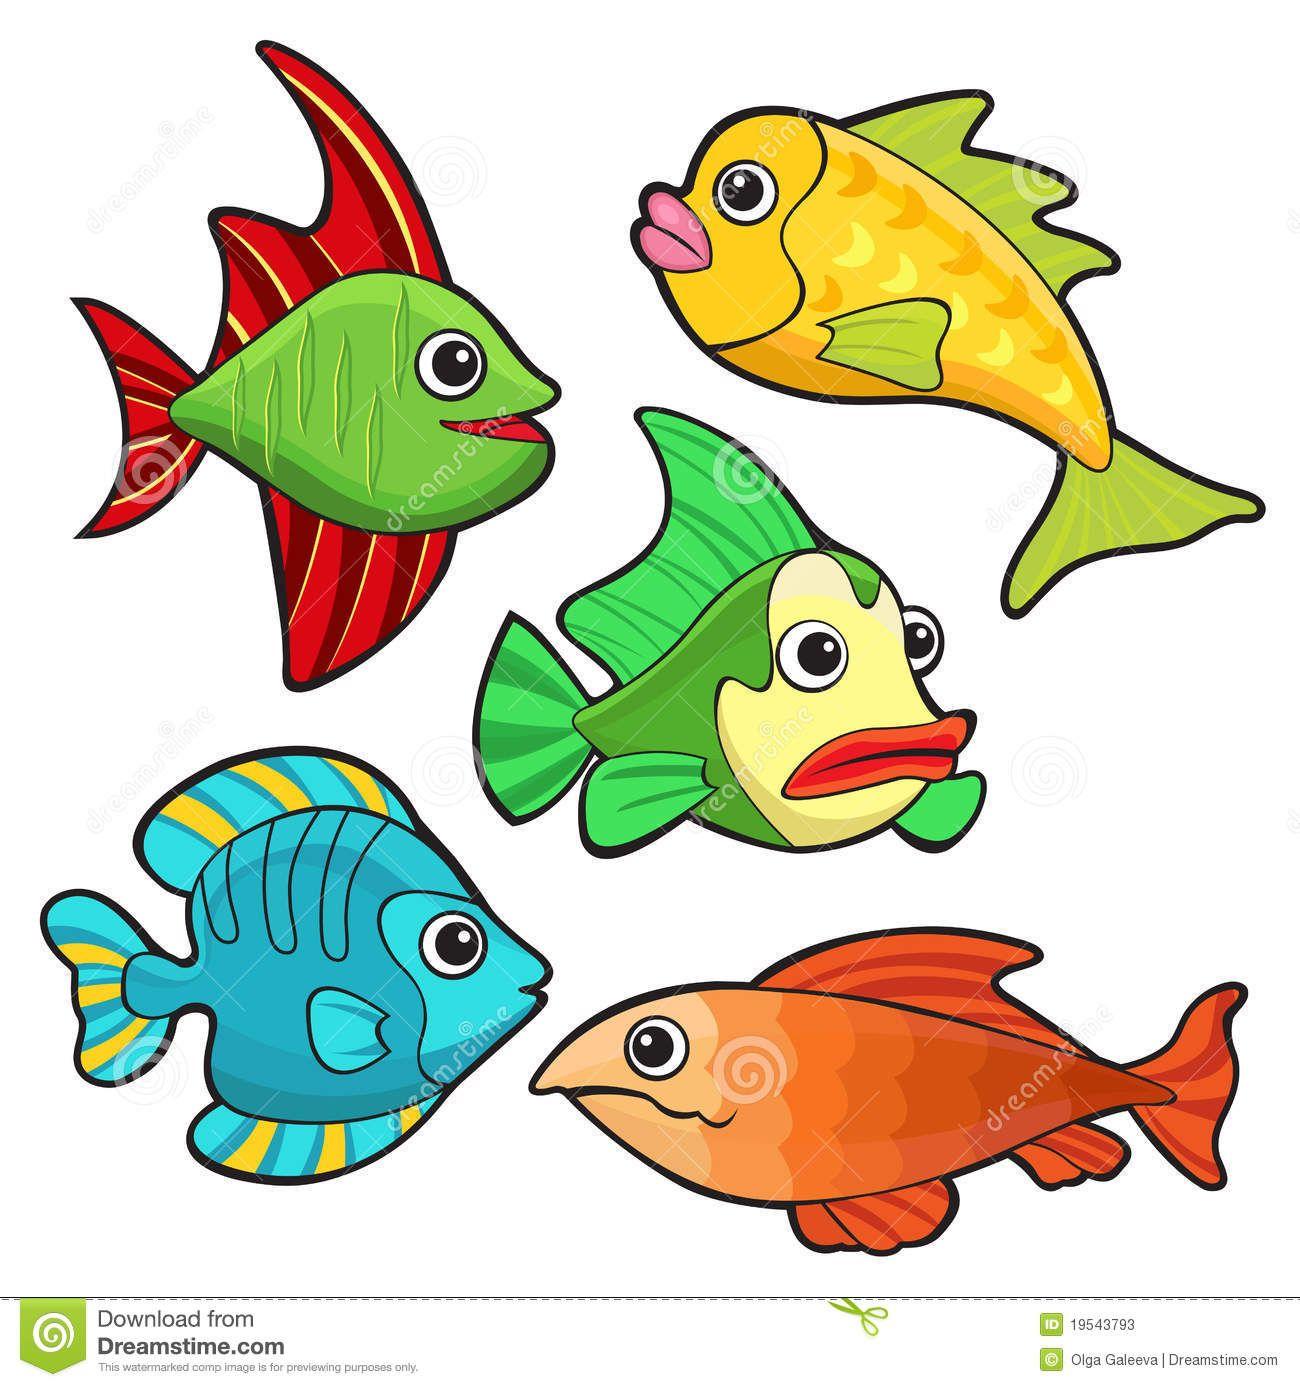 bunte fische bilder - Google-Suche | Bunte fische, Fisch